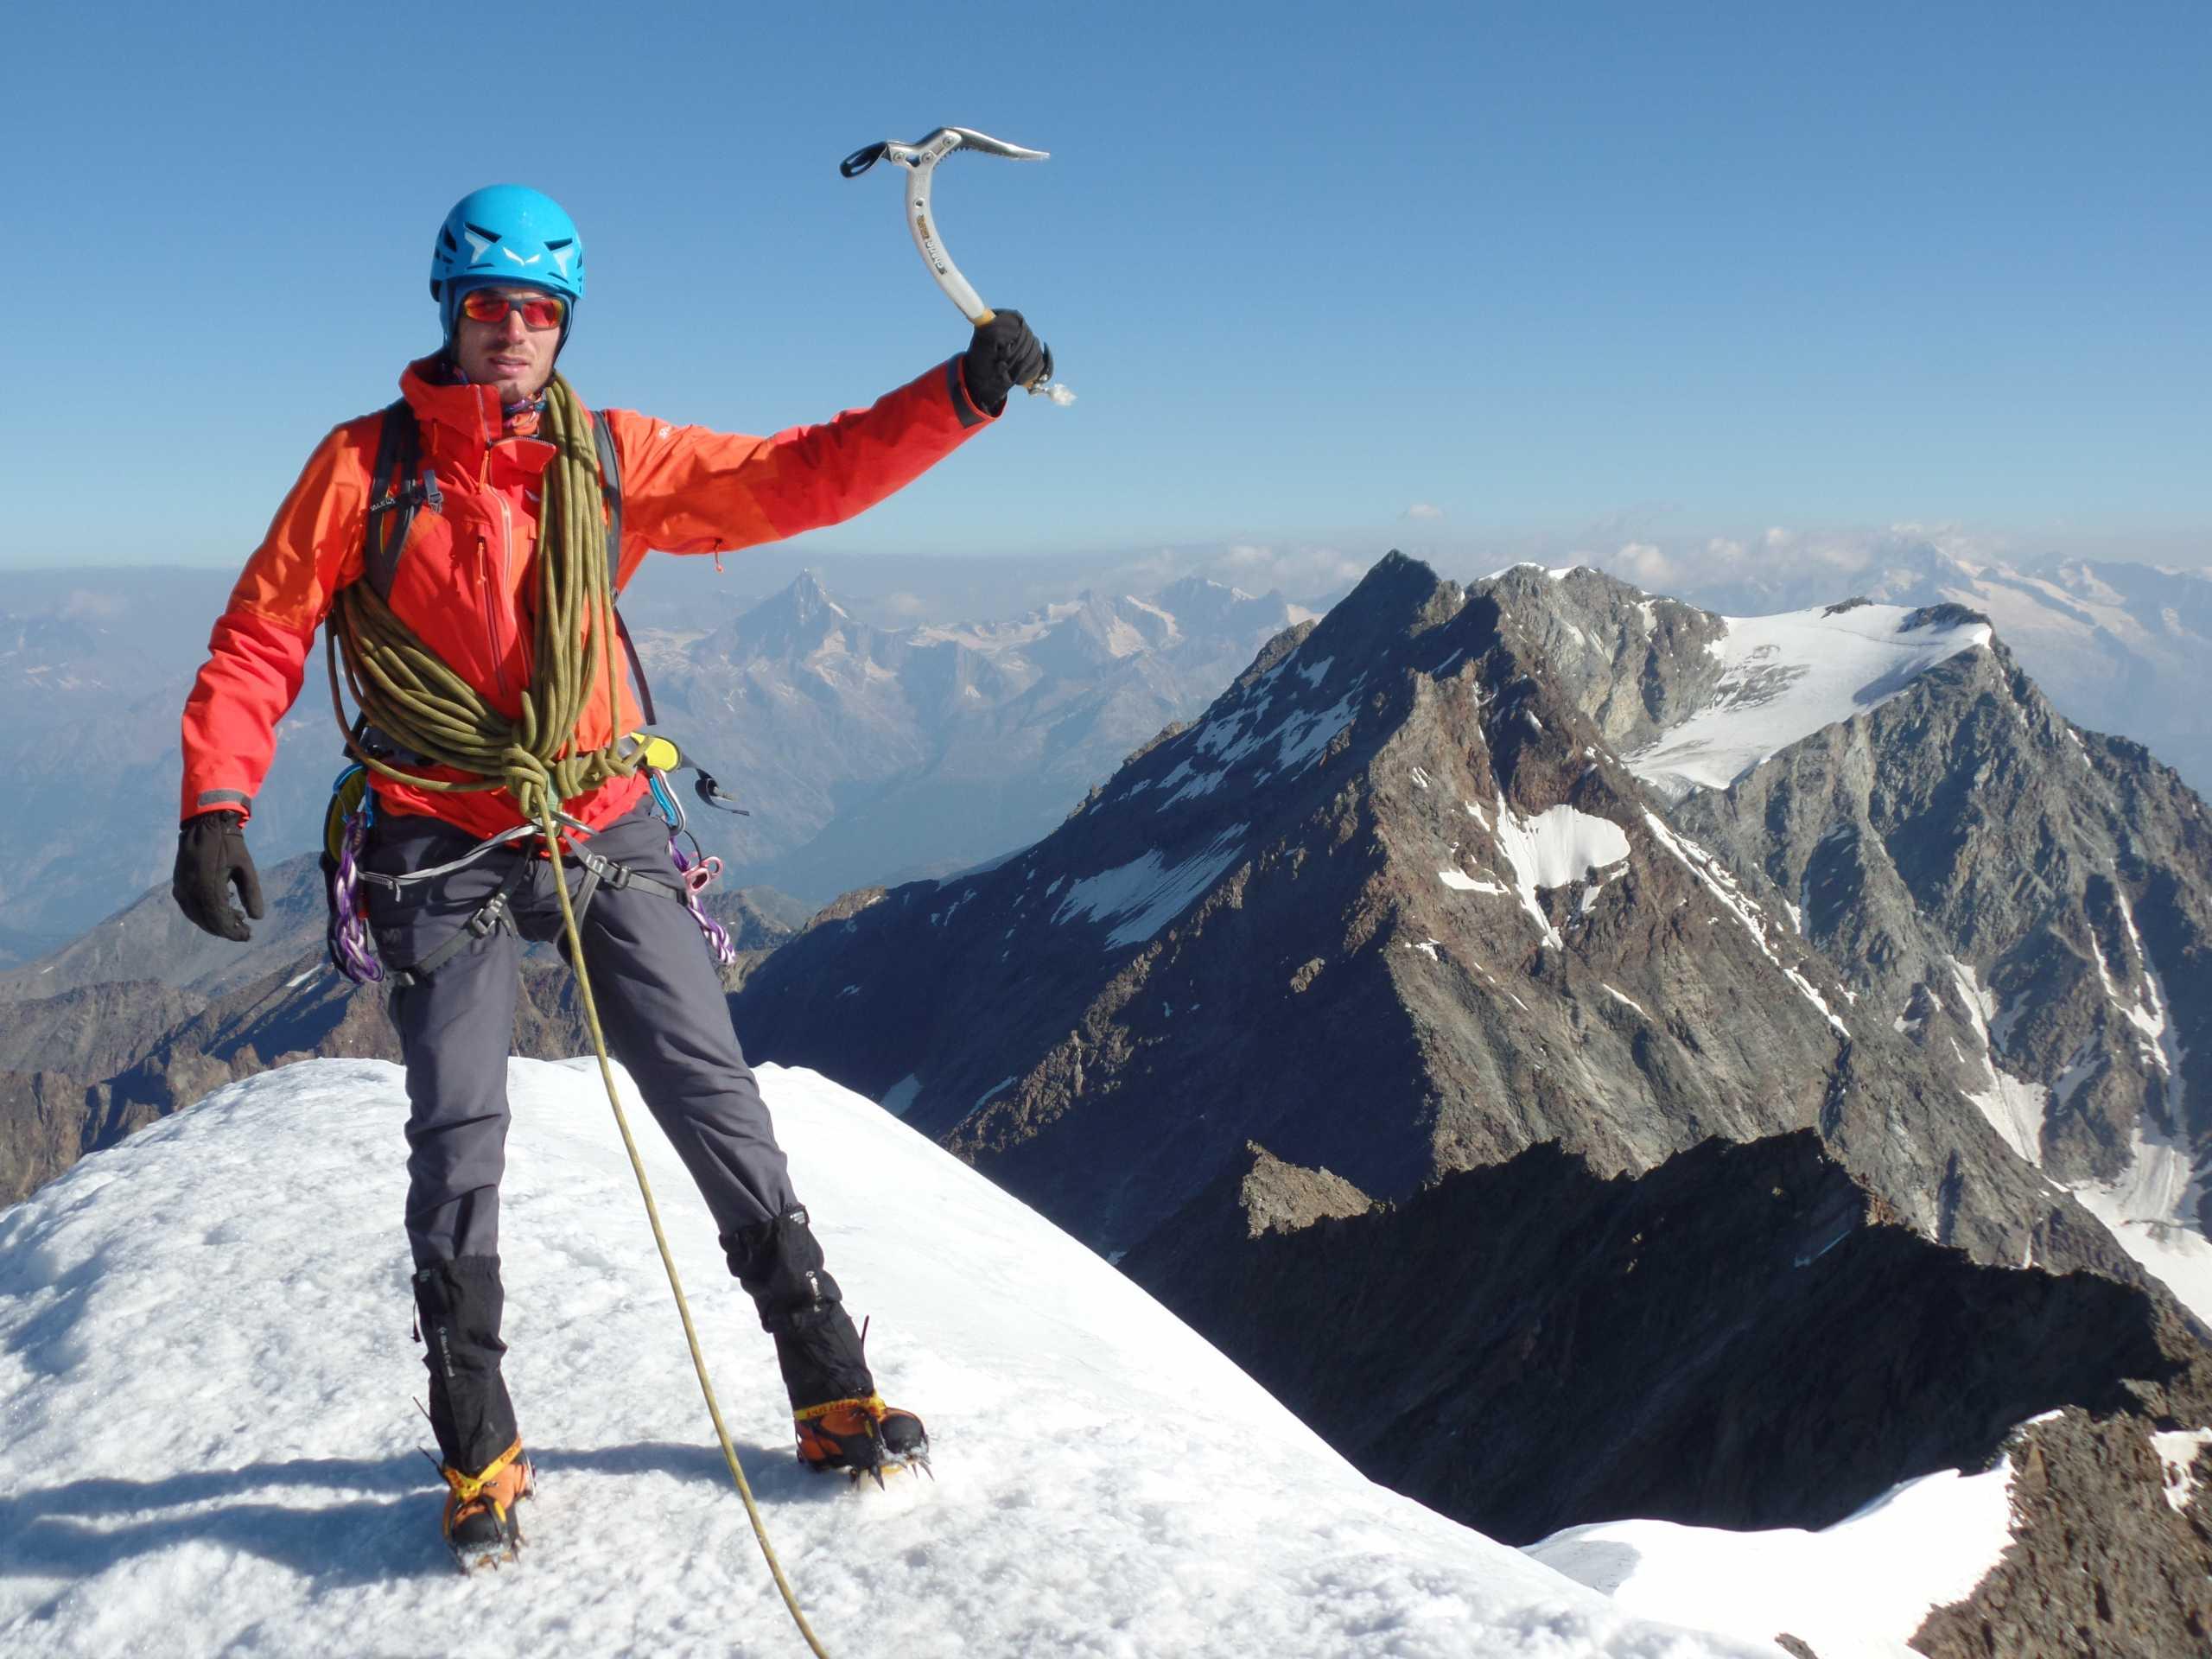 Ο 30χρονος Έλληνας αστυνομικός που κατακτά τις κορυφές του κόσμου – Ετοιμάζεται τώρα για τα 8.611 μέτρα (pics)